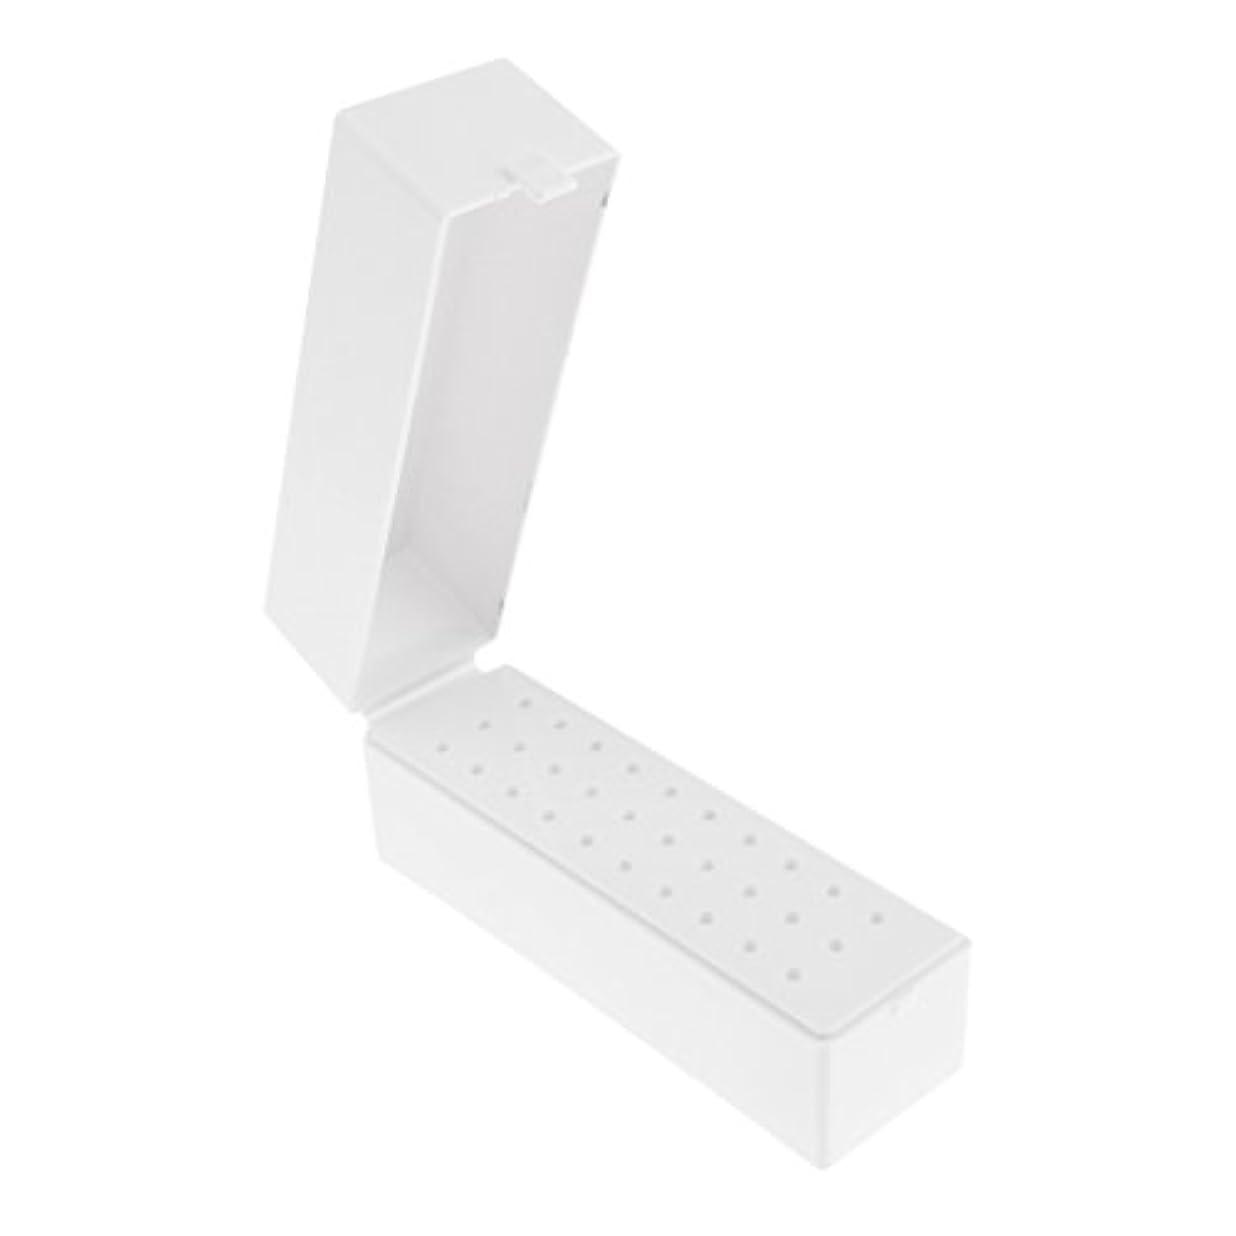 強い台風バター30穴プラスチックネイルアートツールボックスネイルドリルビットホルダー防塵スタンド収納オーガナイザー